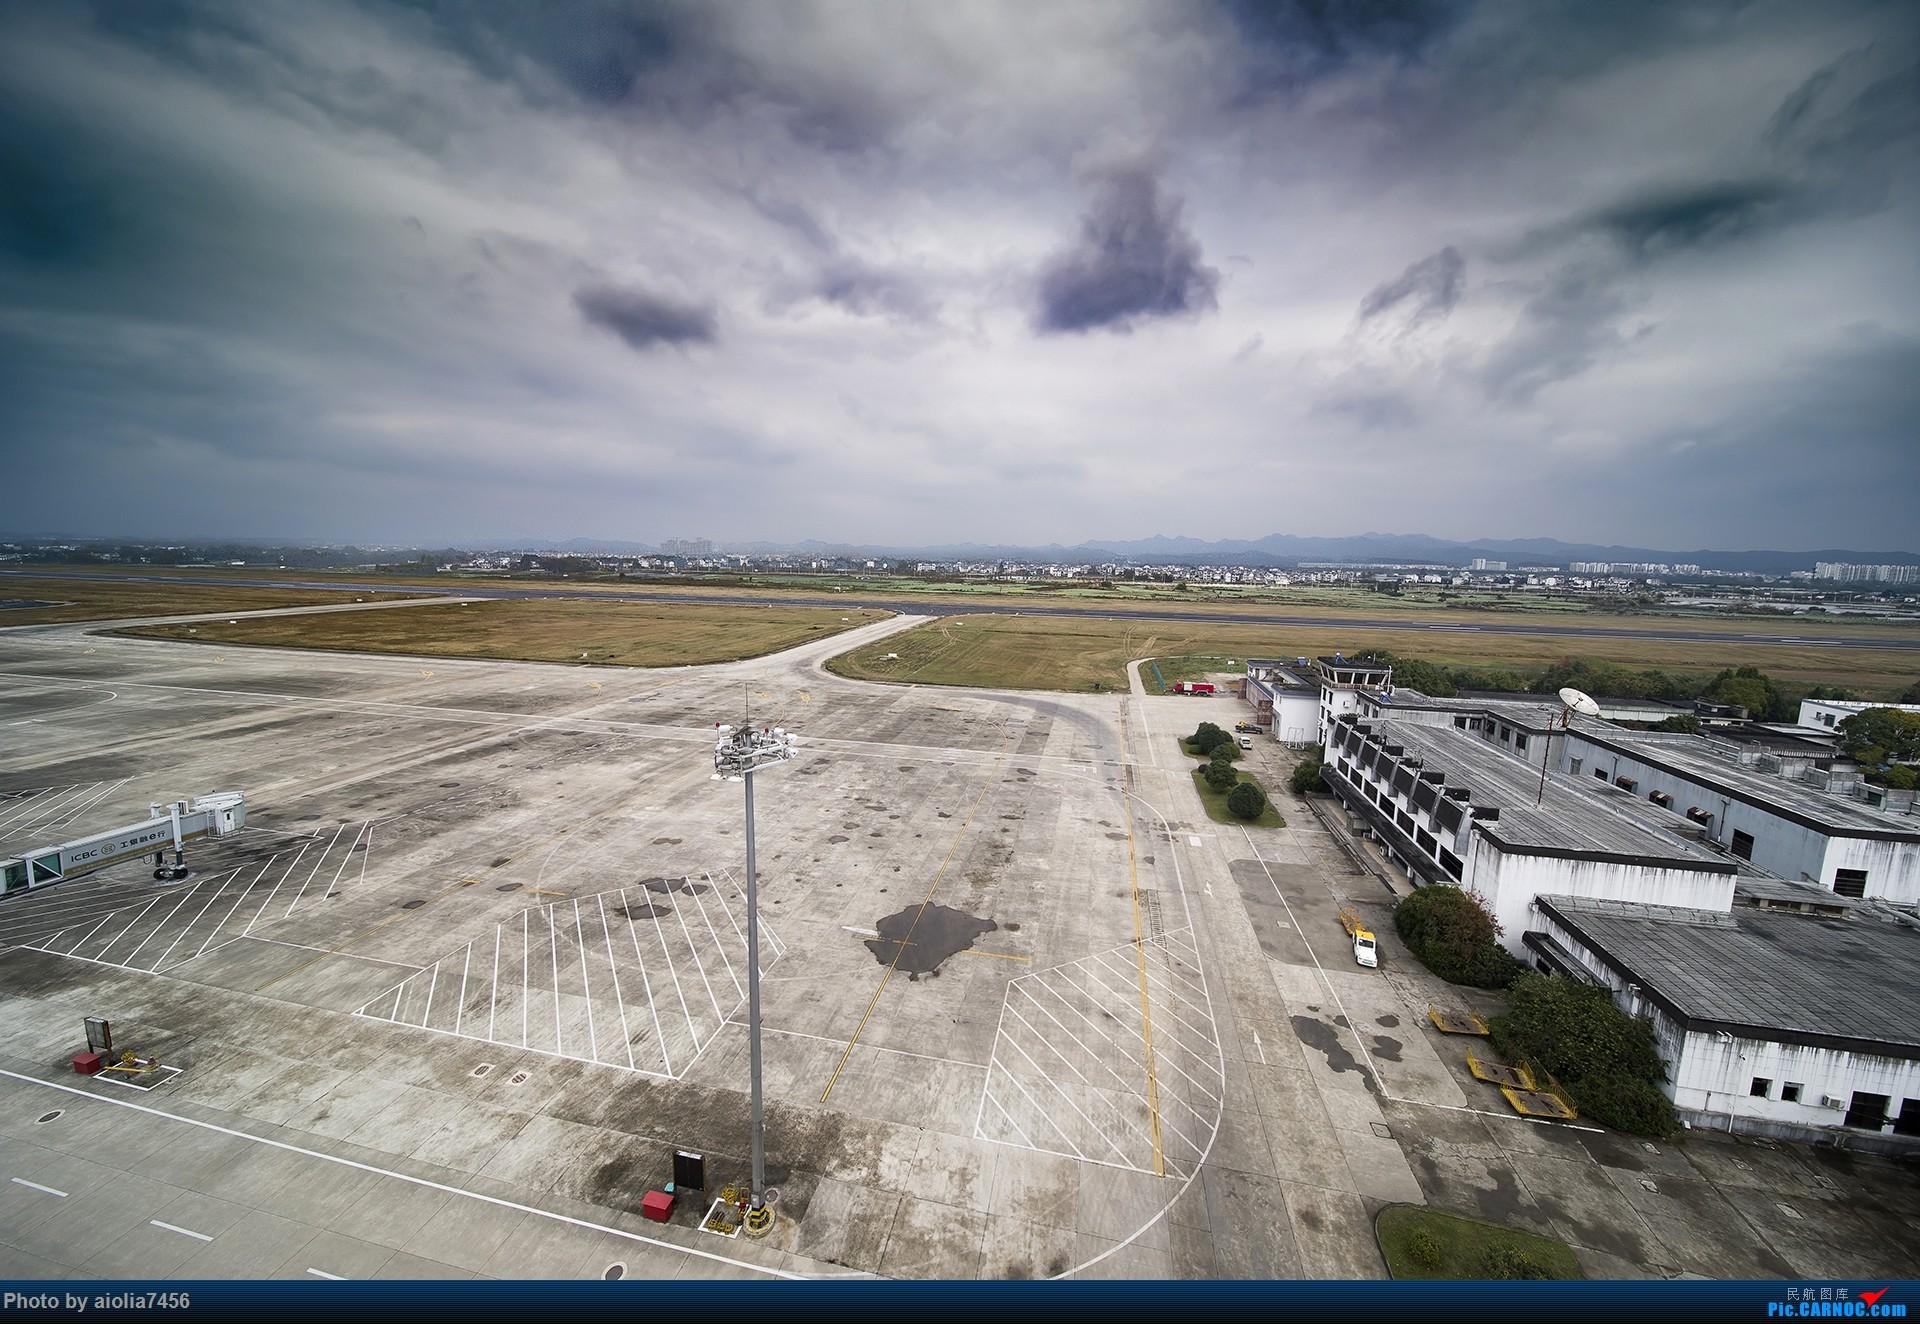 [原创]【霸都打机队】换了机器后的第一帖-安徽小机场之旅    中国黄山屯溪国际机场